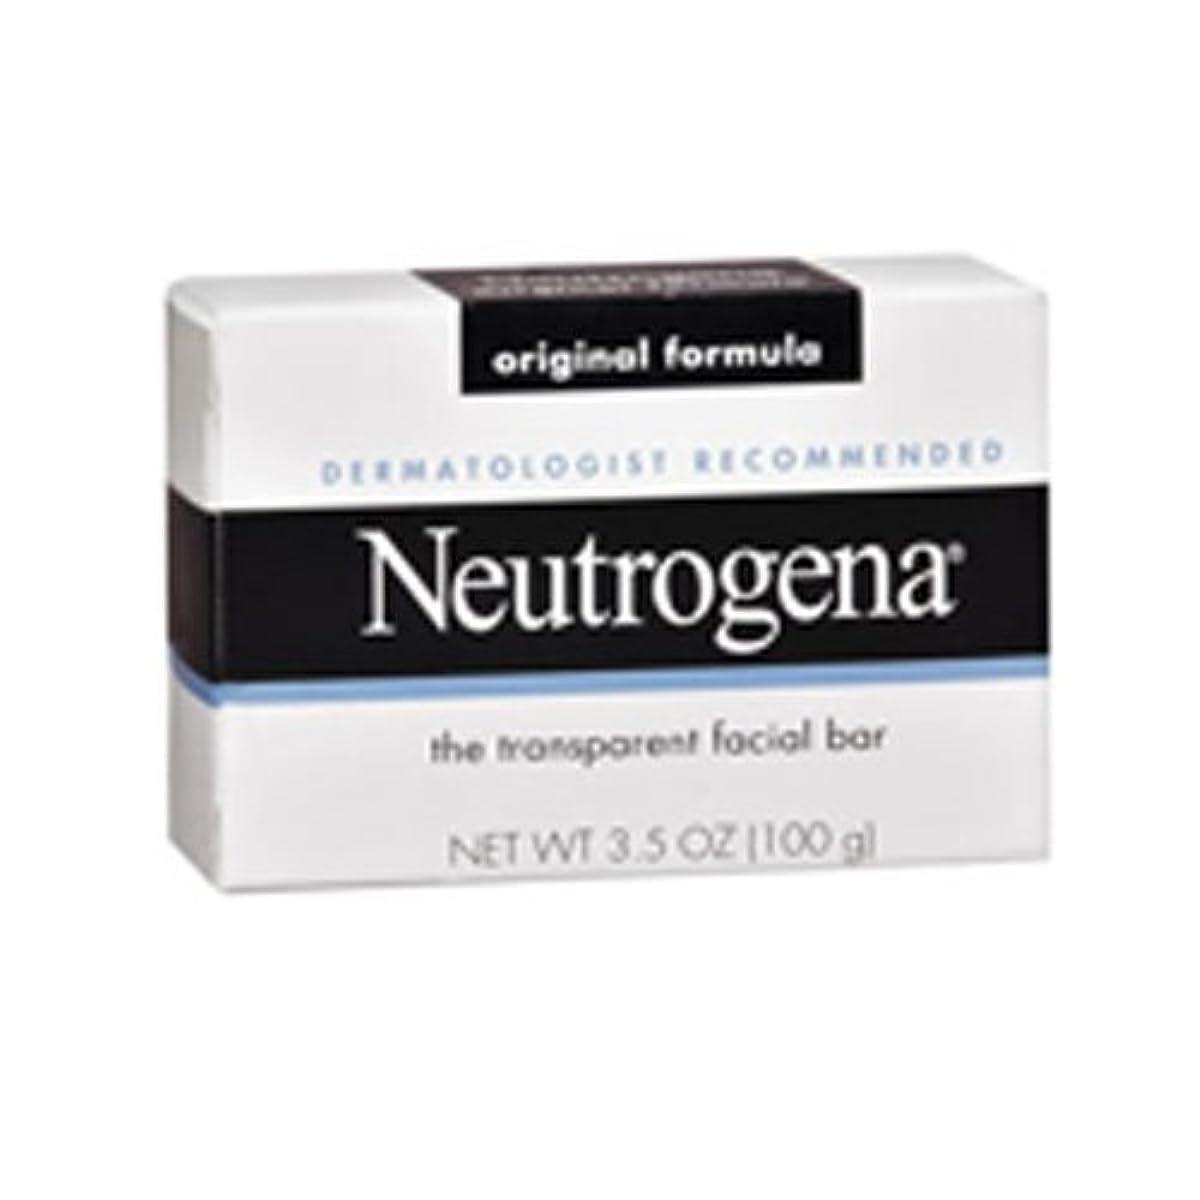 暗記するバスト灰海外直送肘 Neutrogena Transparent Facial Soap Bar, 3.5 oz